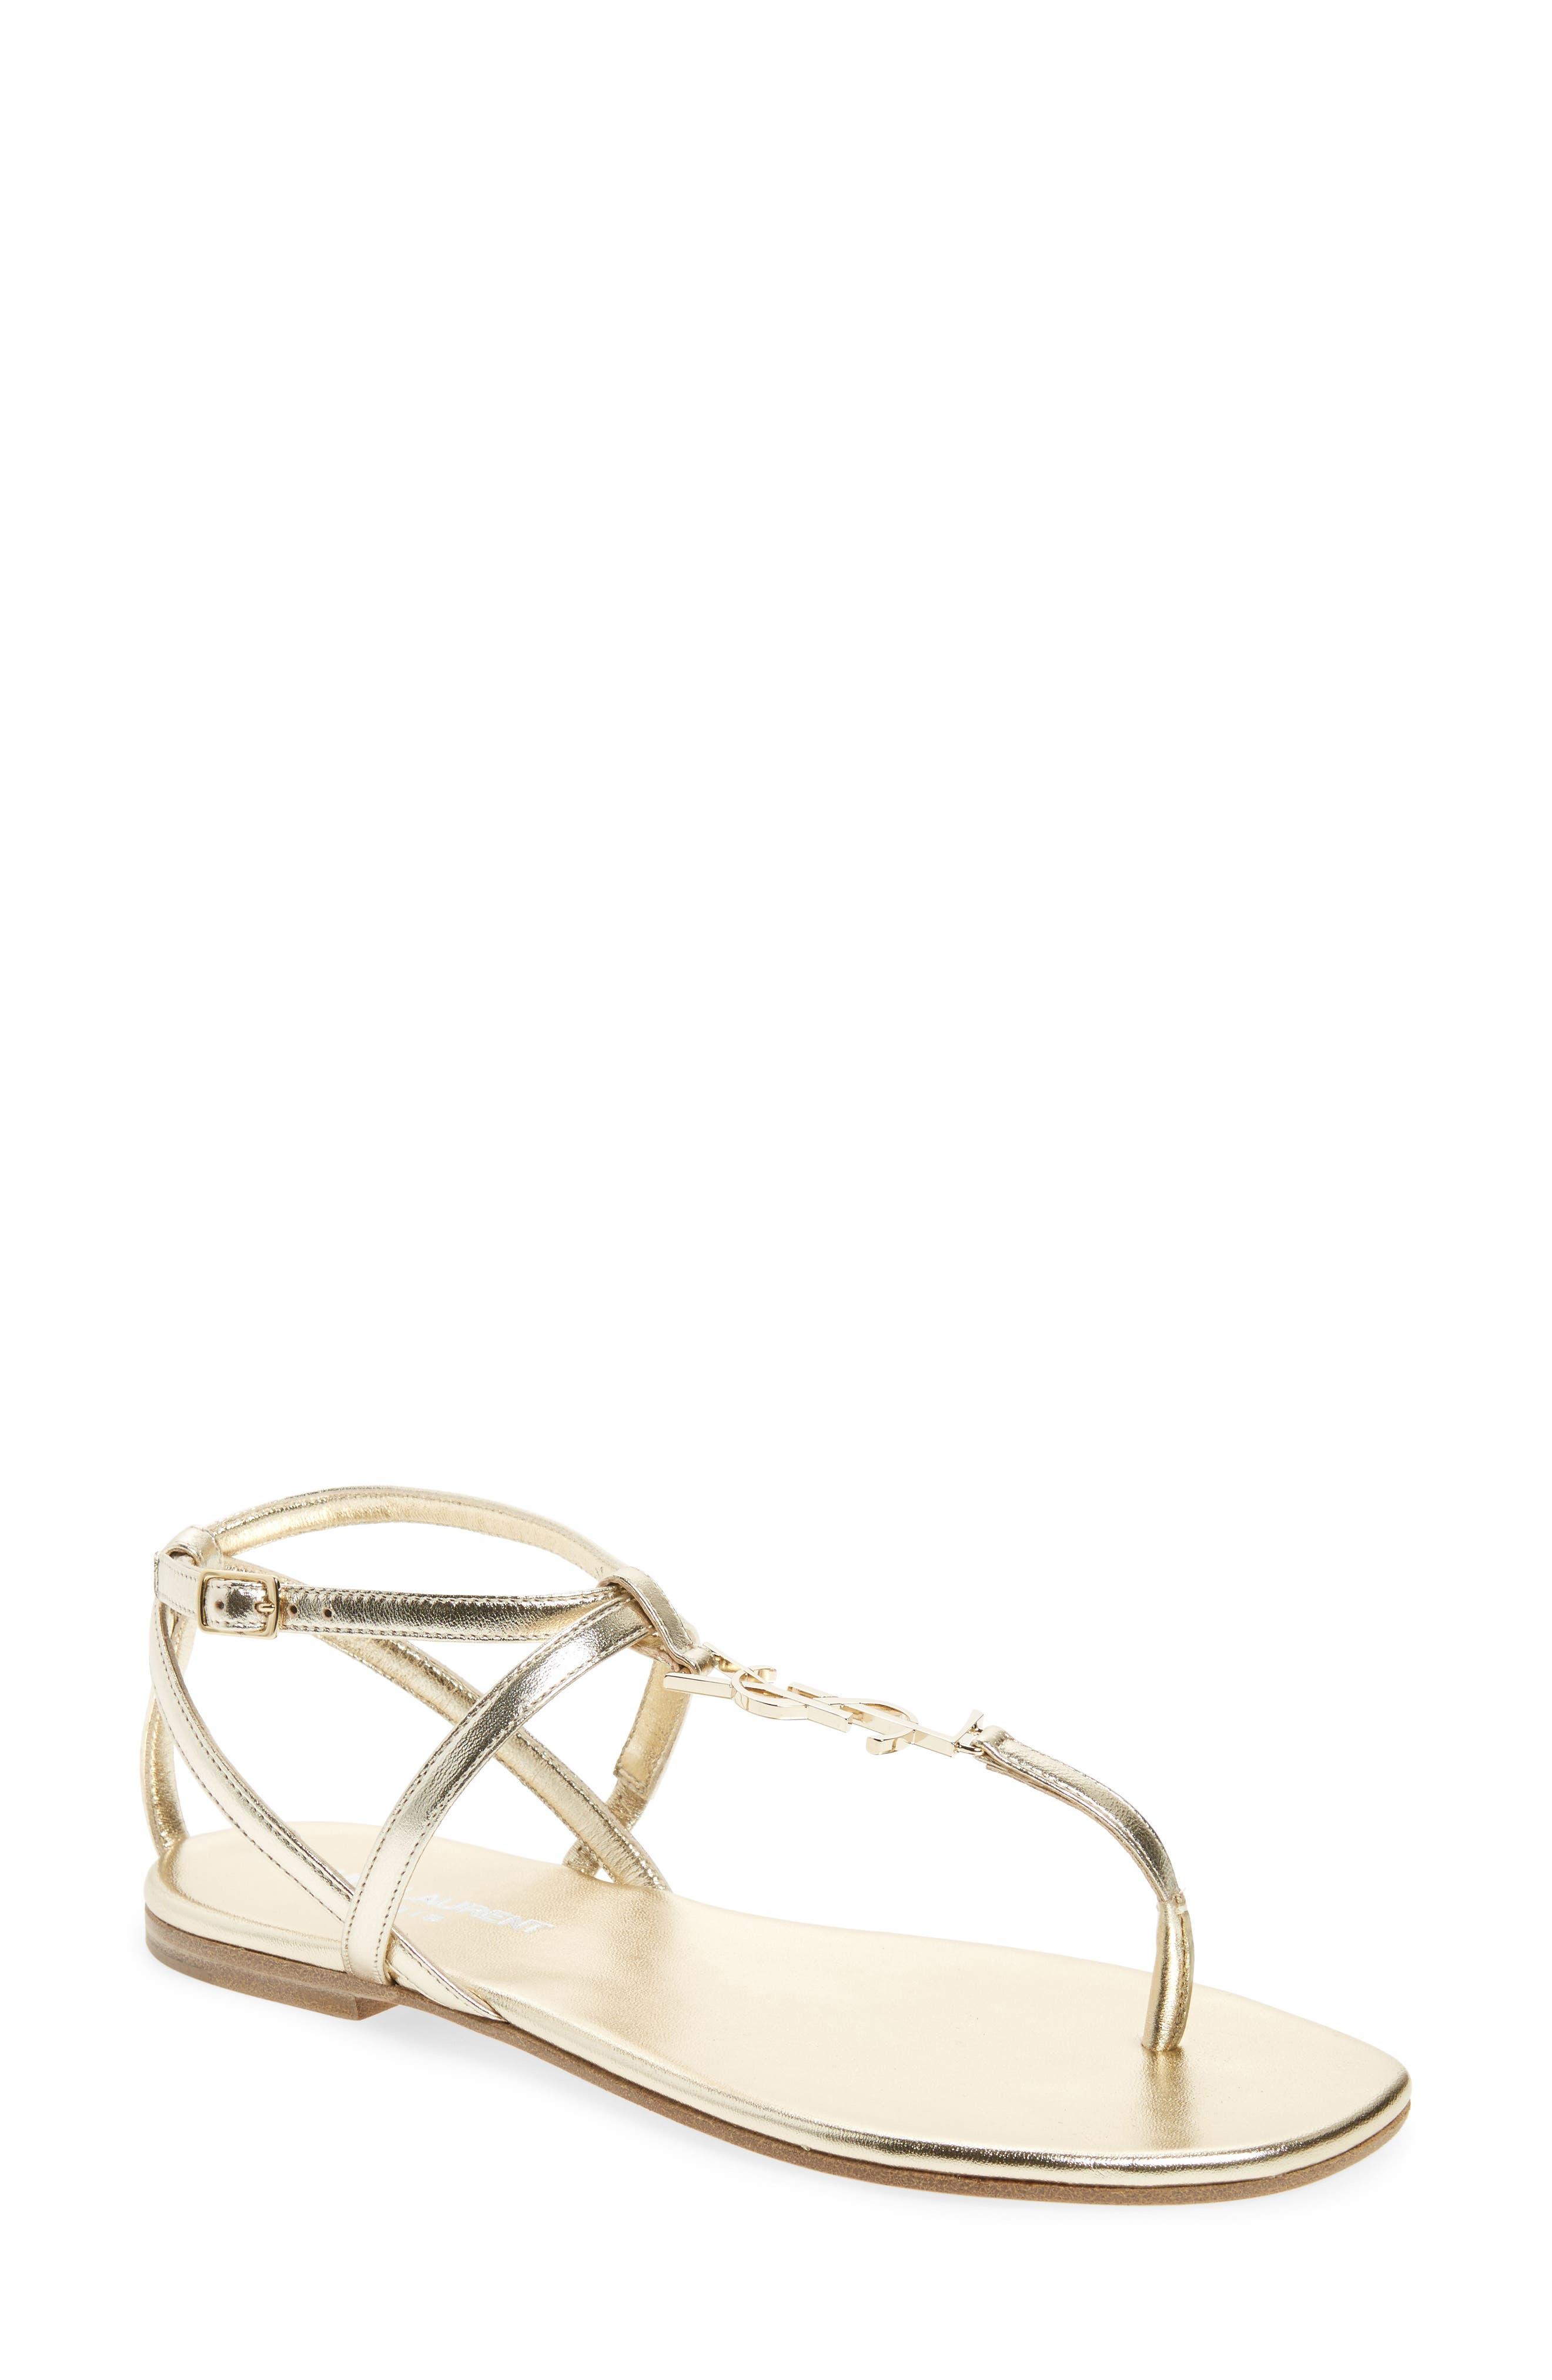 Alternate Image 1 Selected - Saint Laurent Nu Pied T-Strap Sandal (Women)